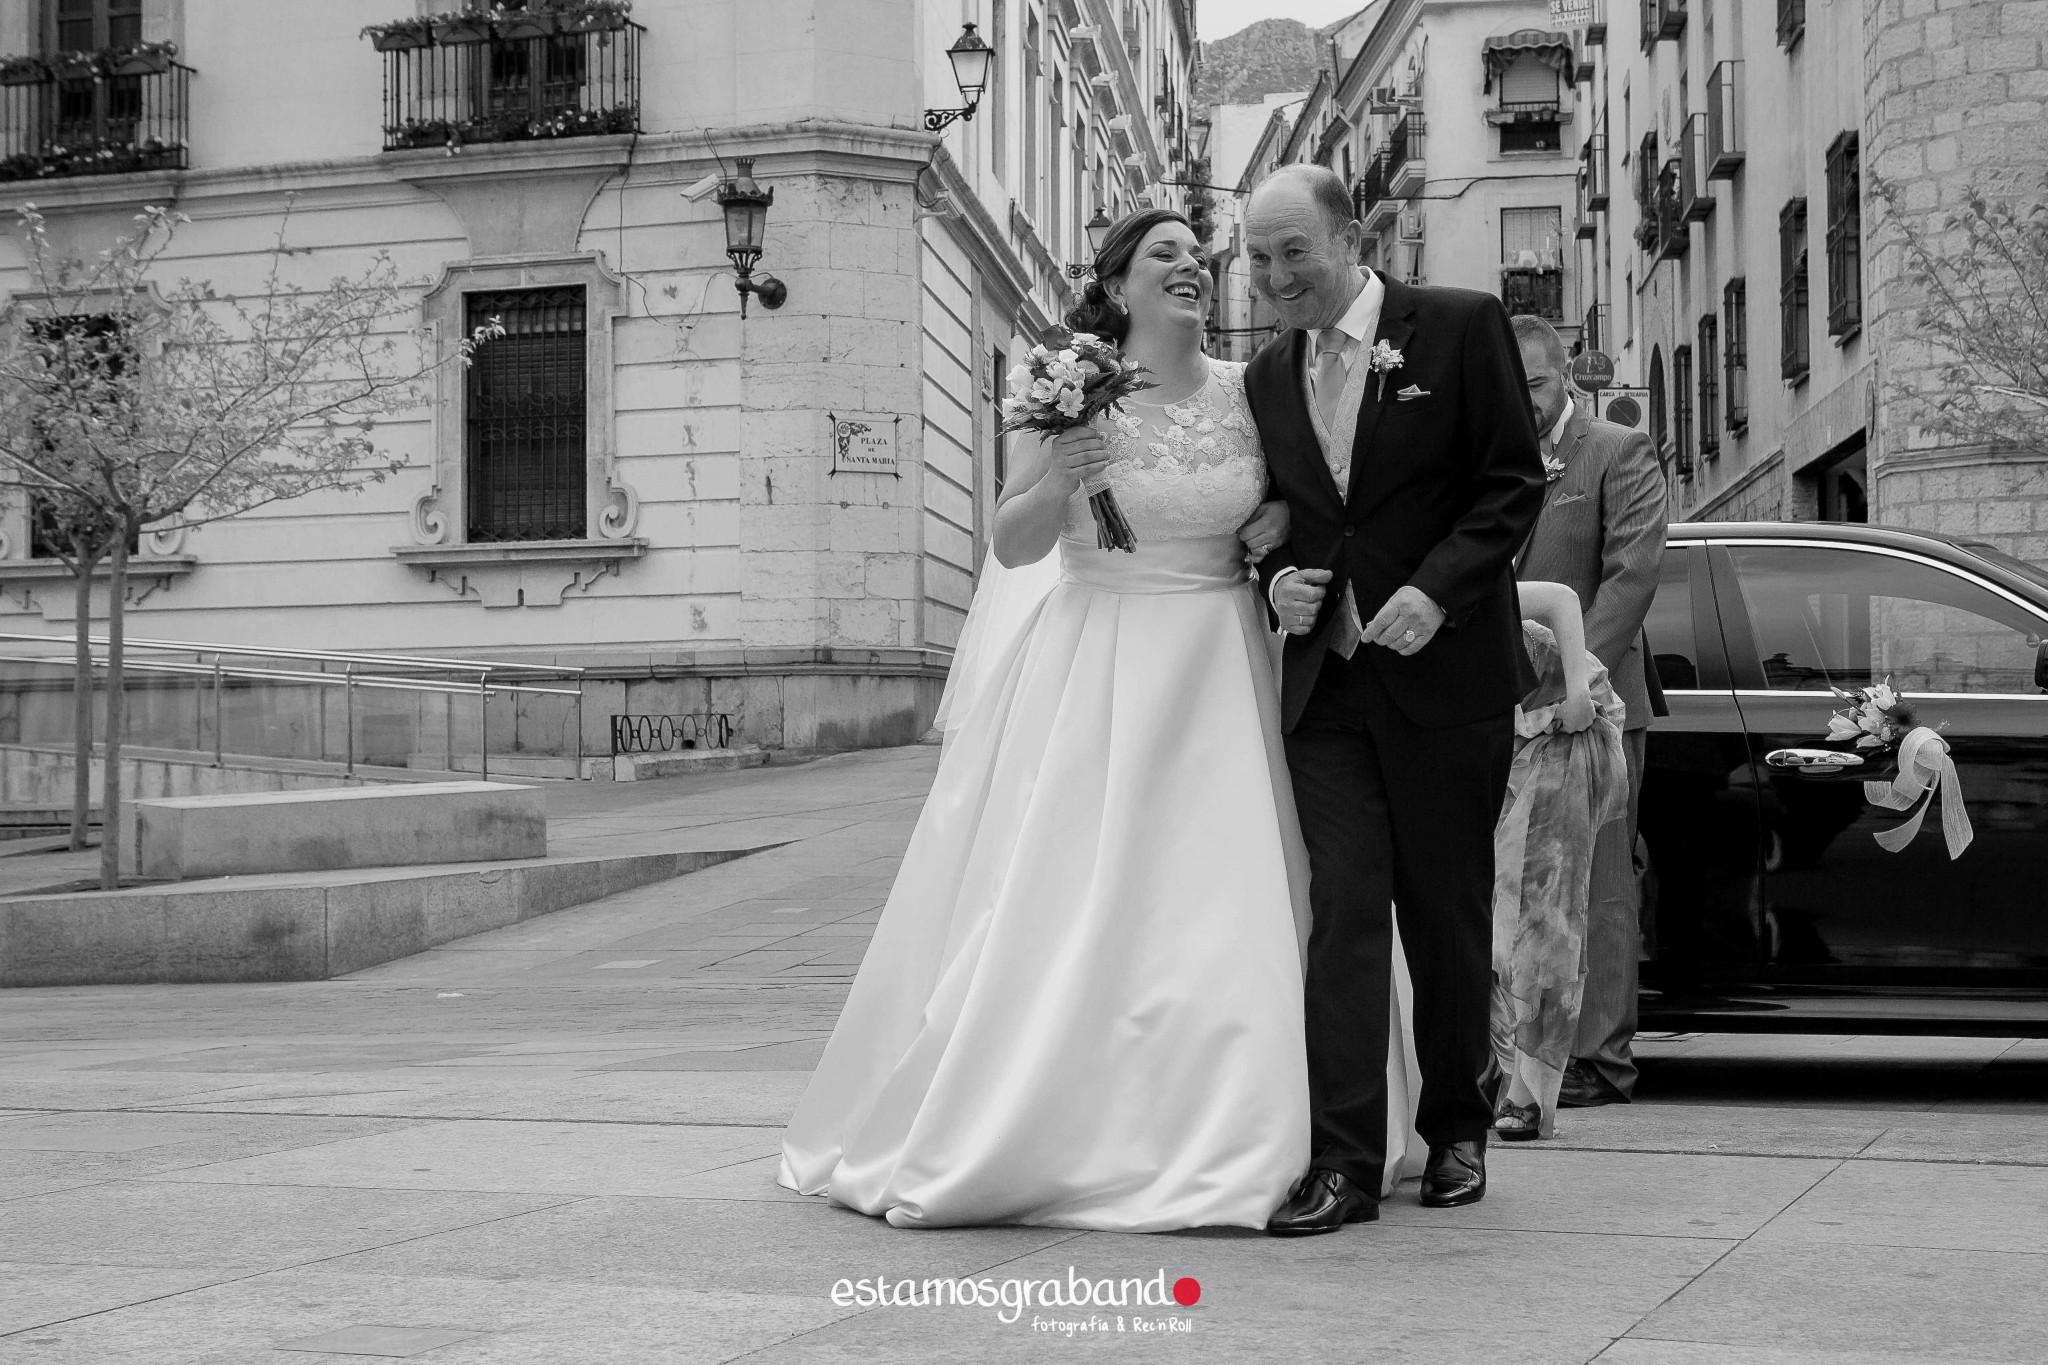 amparo-agustin_fotografia-boda_boda-jaen_jaen-fotografia-bodas_reportaje-boda_reportaje-boda-jaen_fotos-boda_fotos-jaen-19 ¡Alto ahi! [Boda Amparo & Agustín_Fotografía de bodas en Jaén] - video boda cadiz